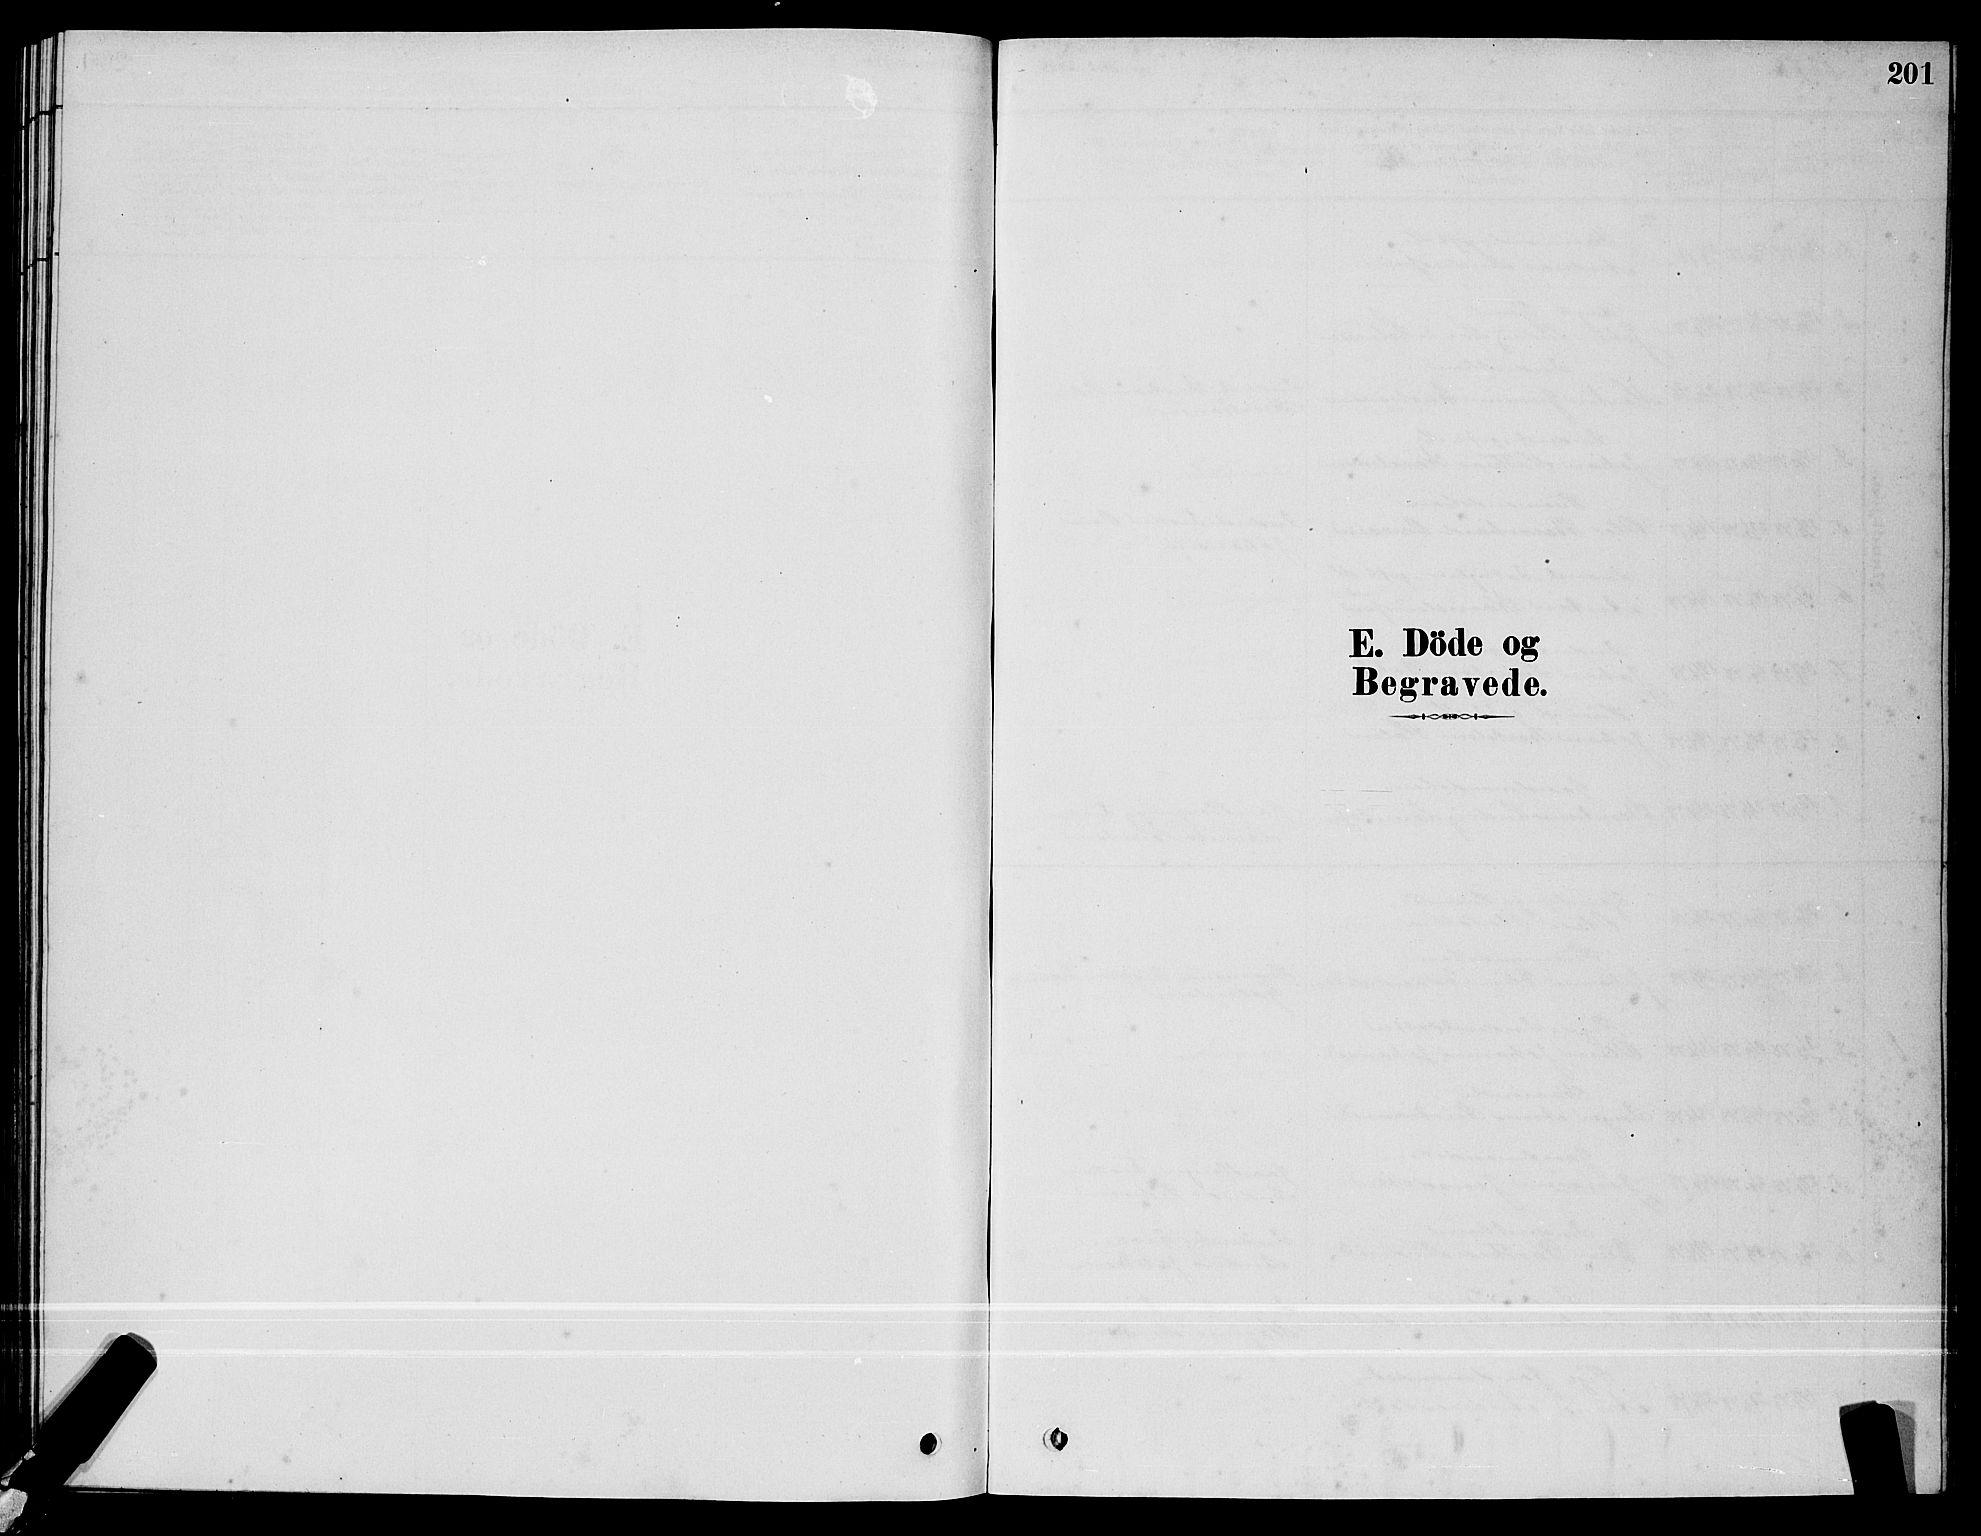 SAT, Ministerialprotokoller, klokkerbøker og fødselsregistre - Sør-Trøndelag, 640/L0585: Klokkerbok nr. 640C03, 1878-1891, s. 201